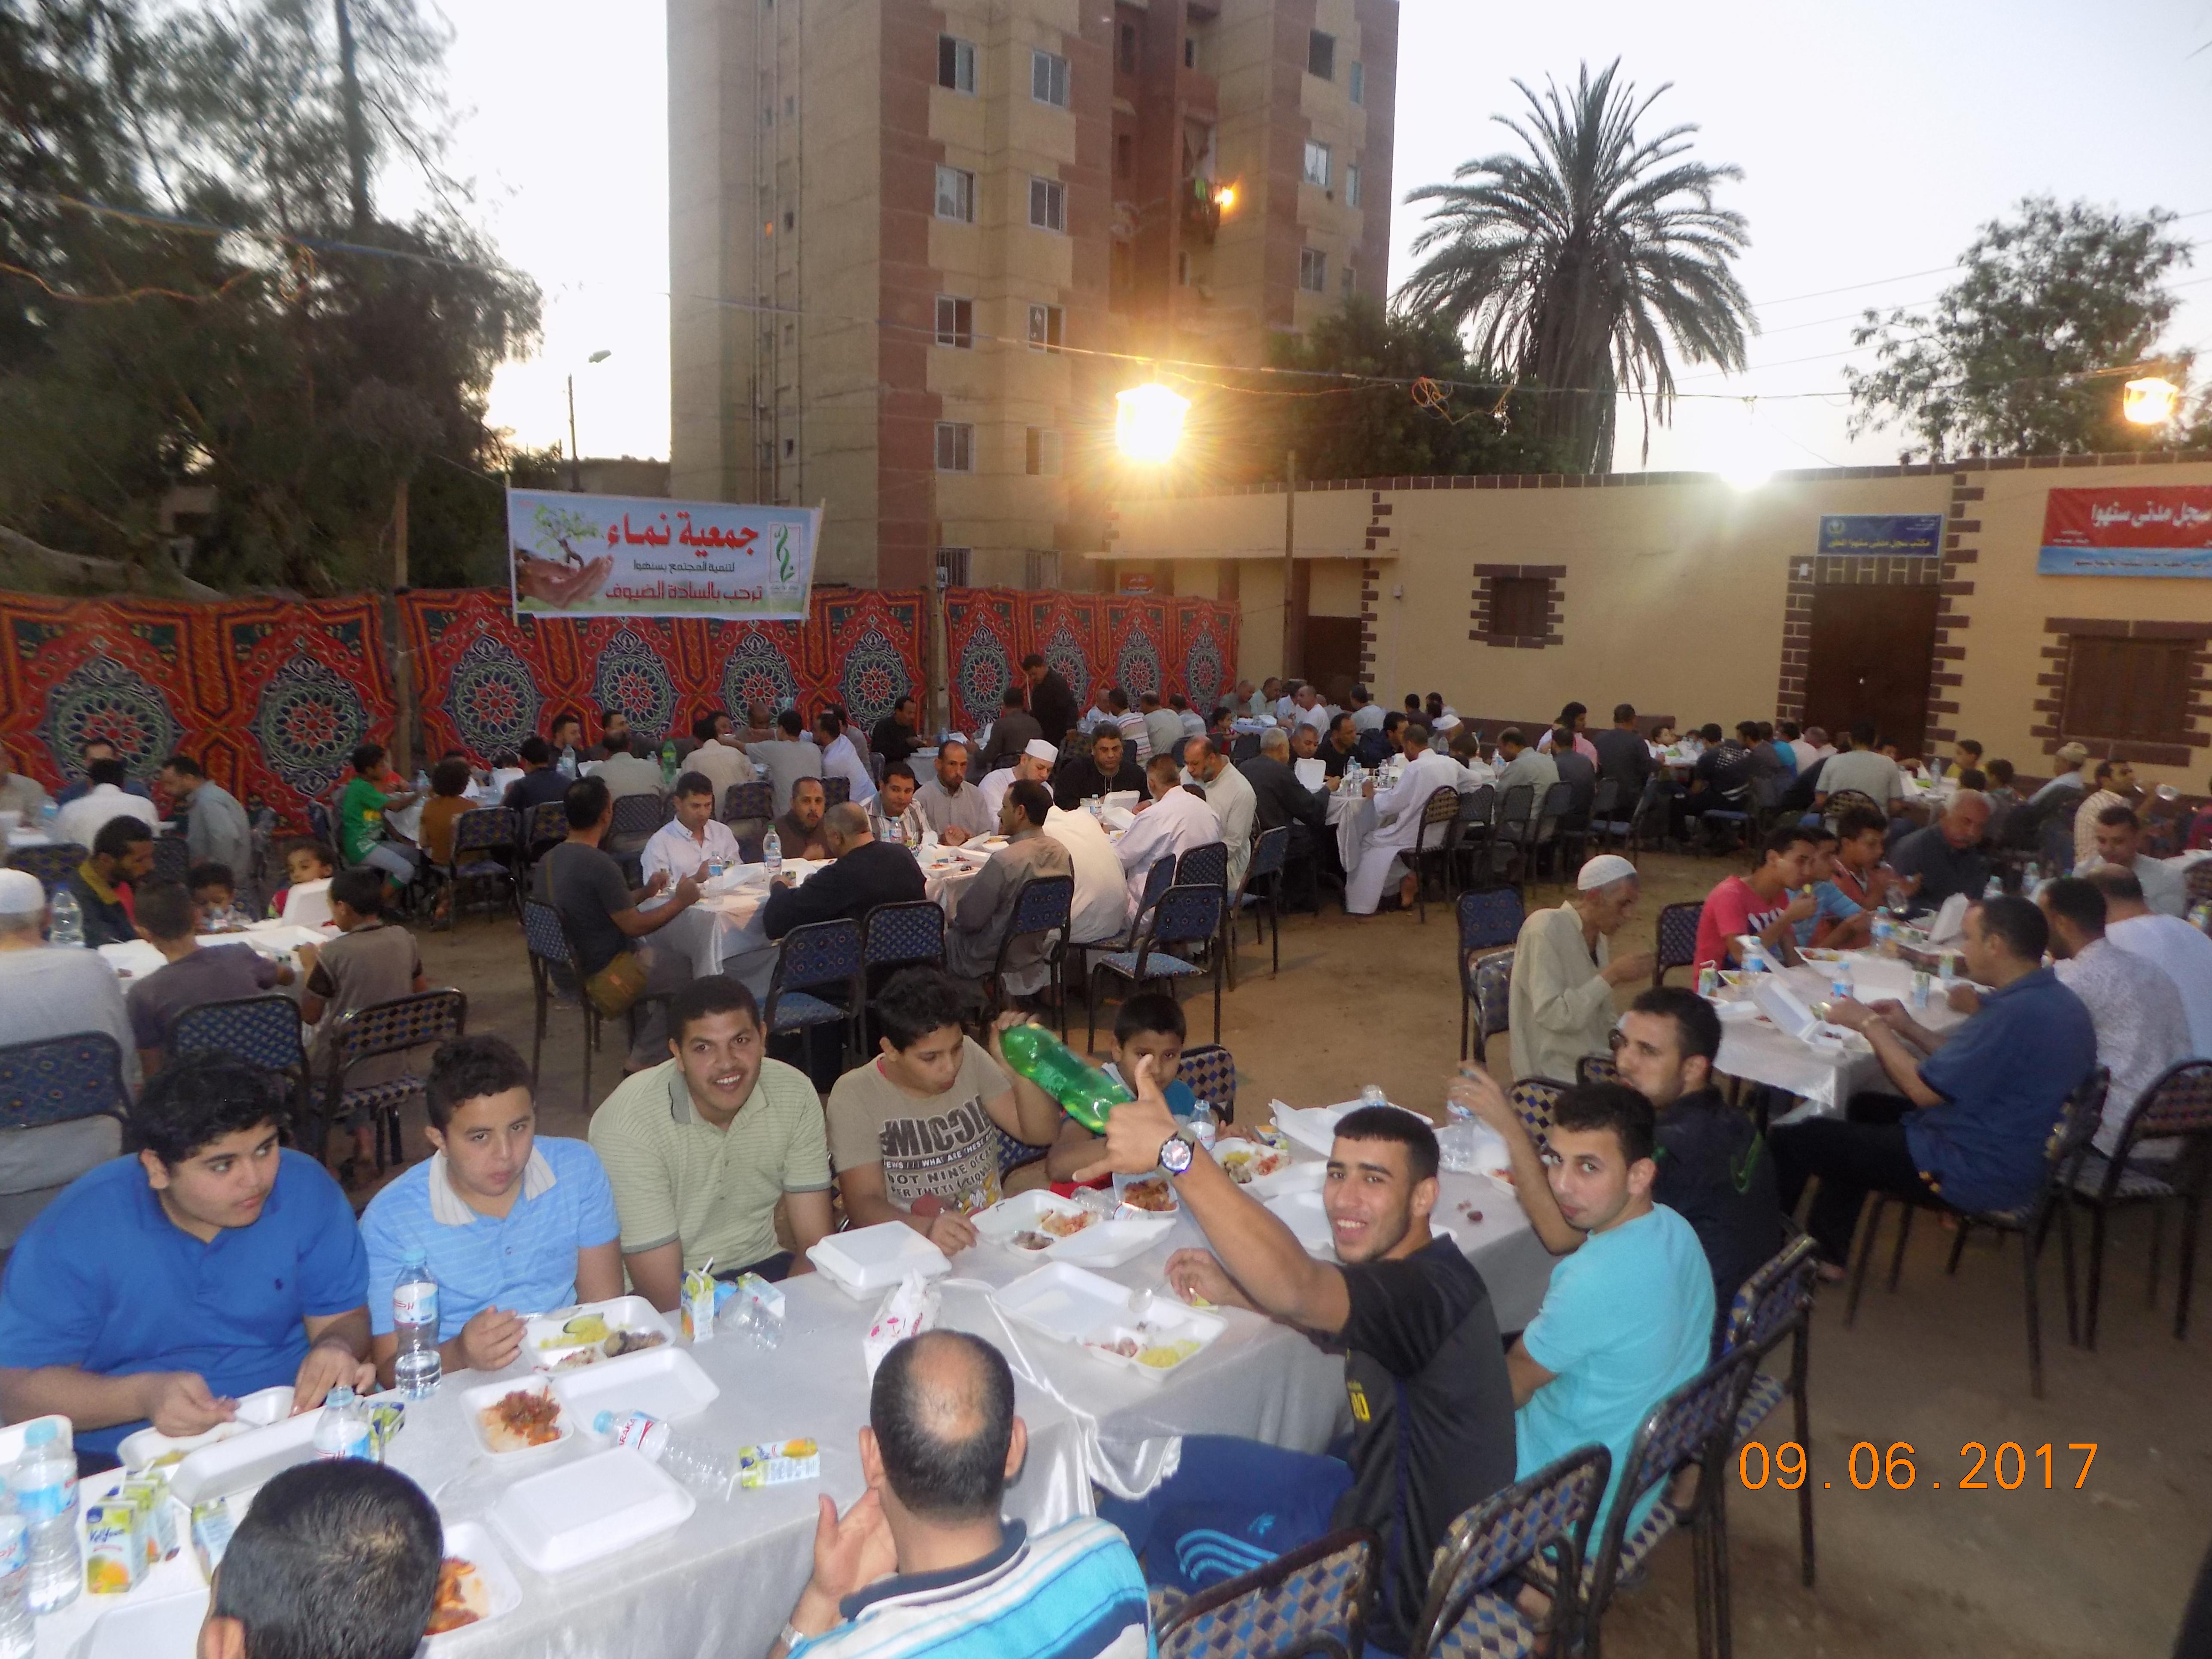 صورة بالصور .. جمعية نماء لتنمية المجتمع تقيم إفطار جماعي بقرية «سنهوا» بمنيا القمح